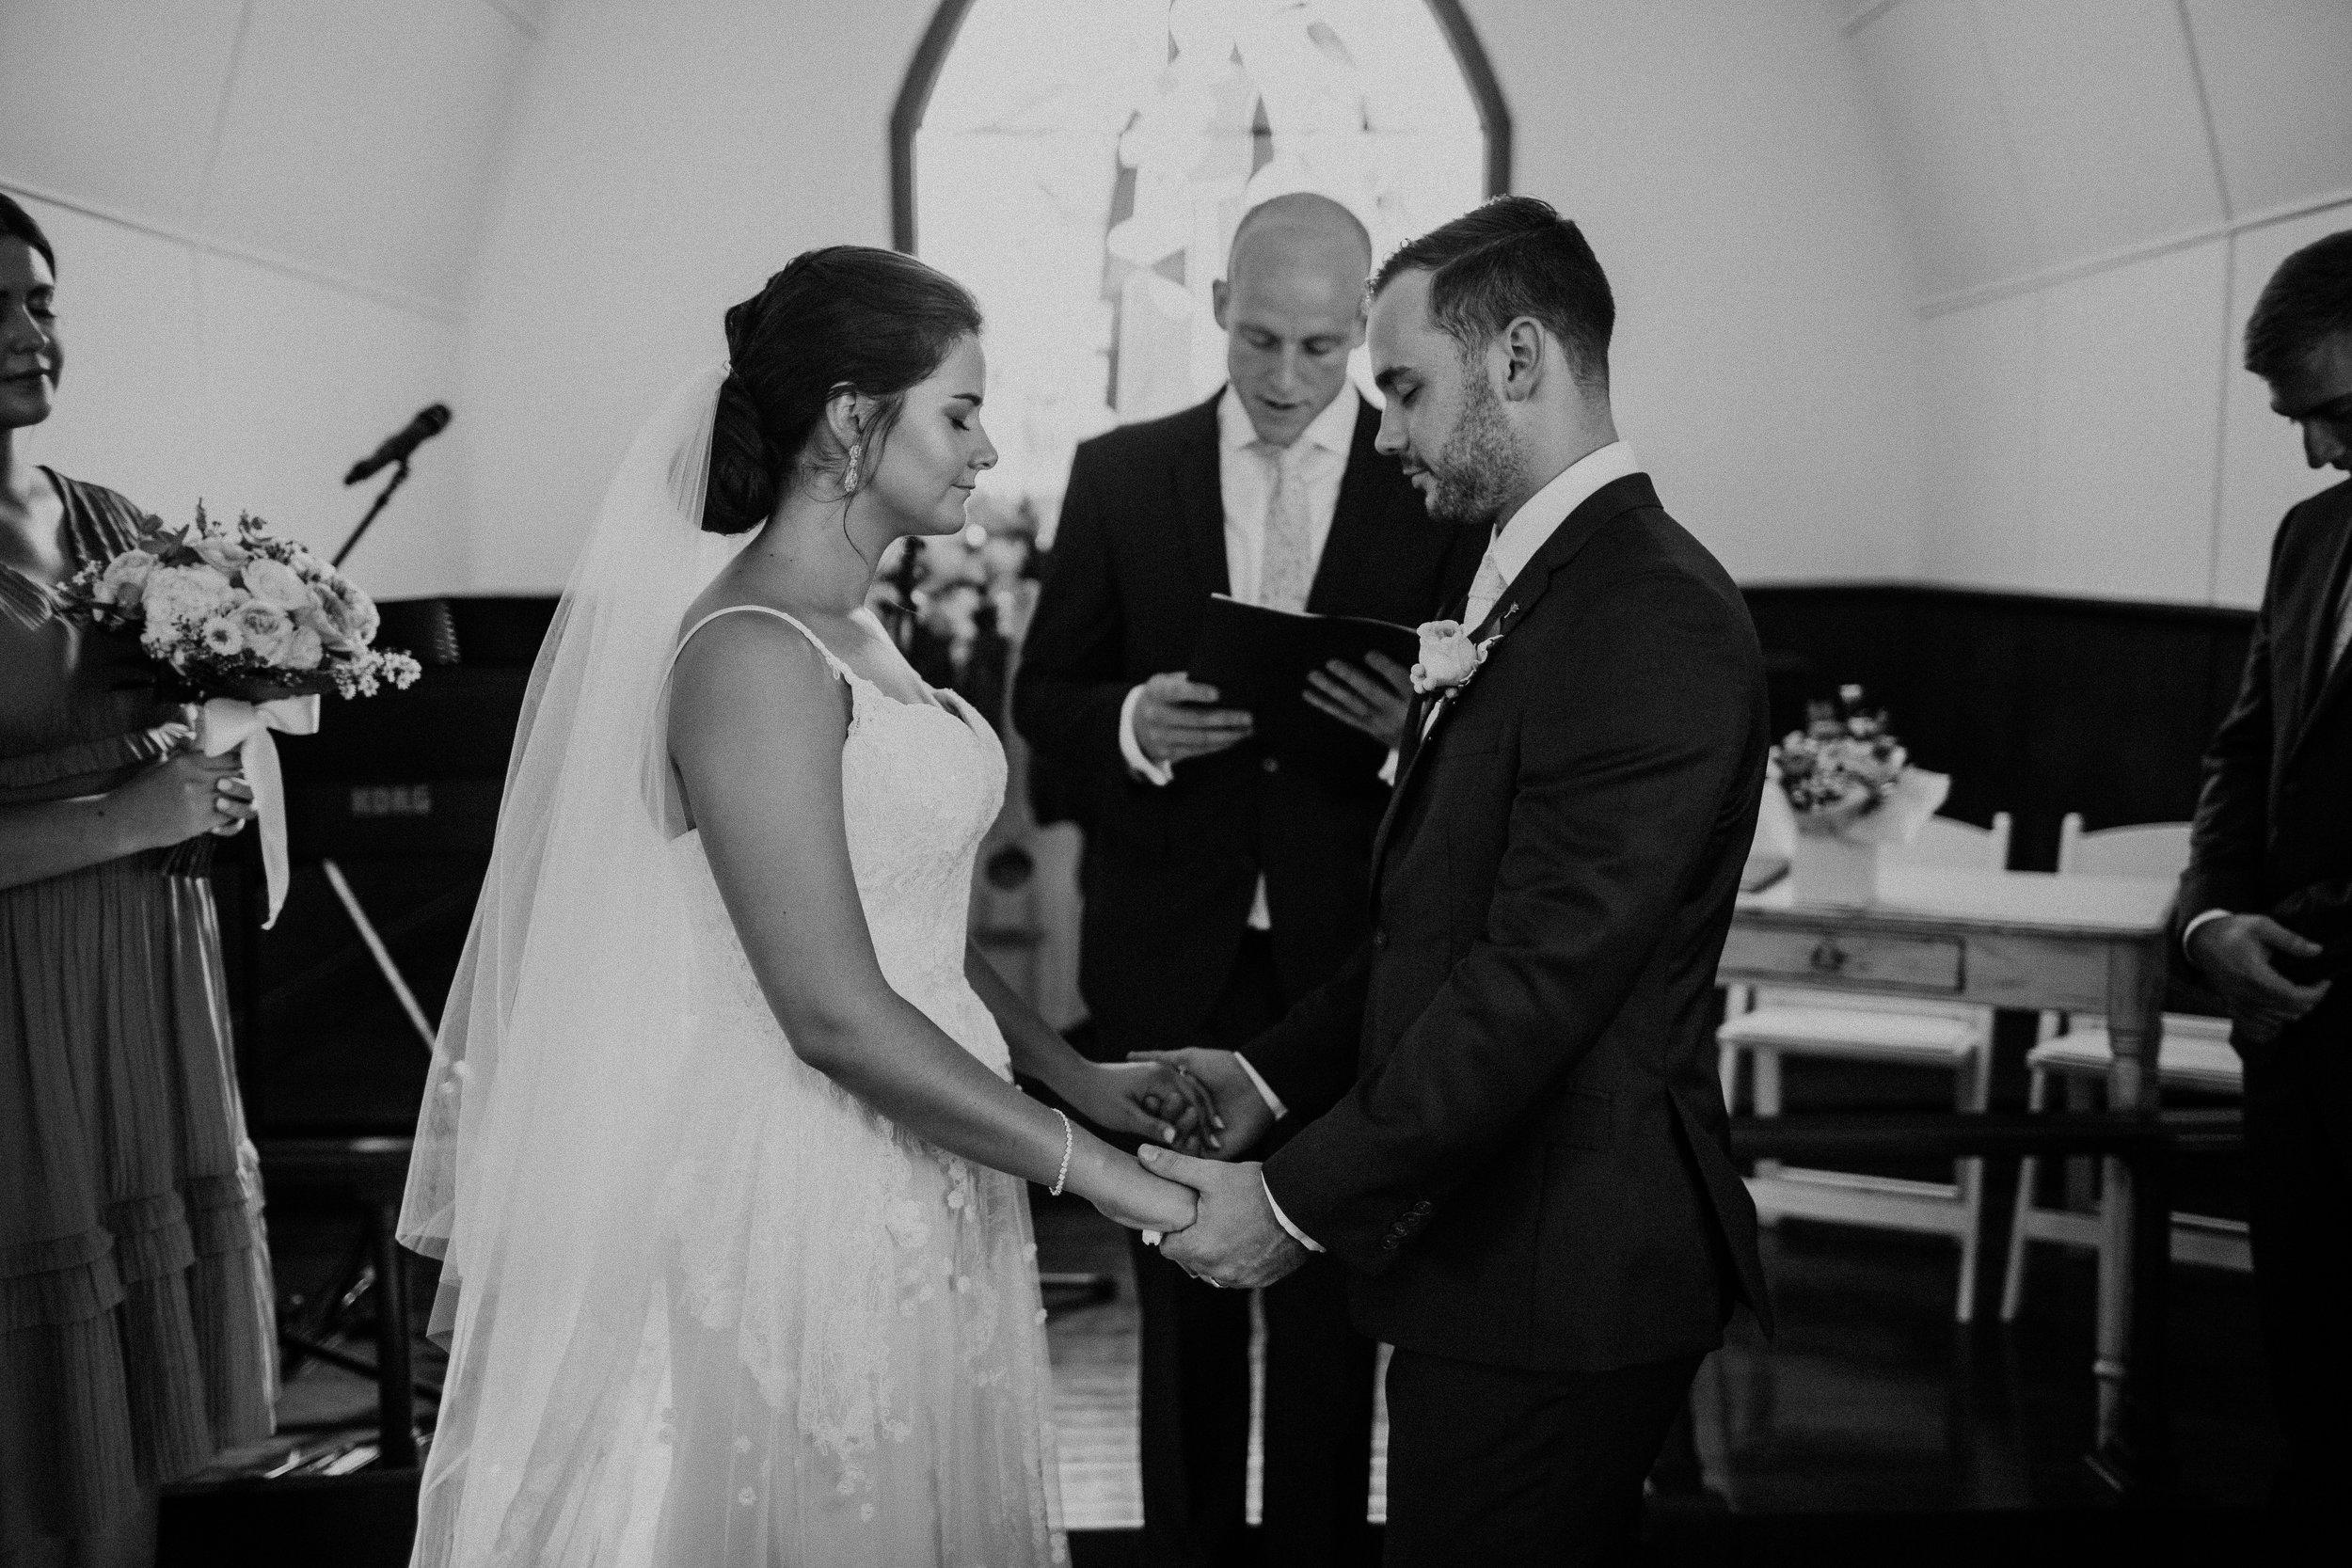 missendenwedding-364.jpg